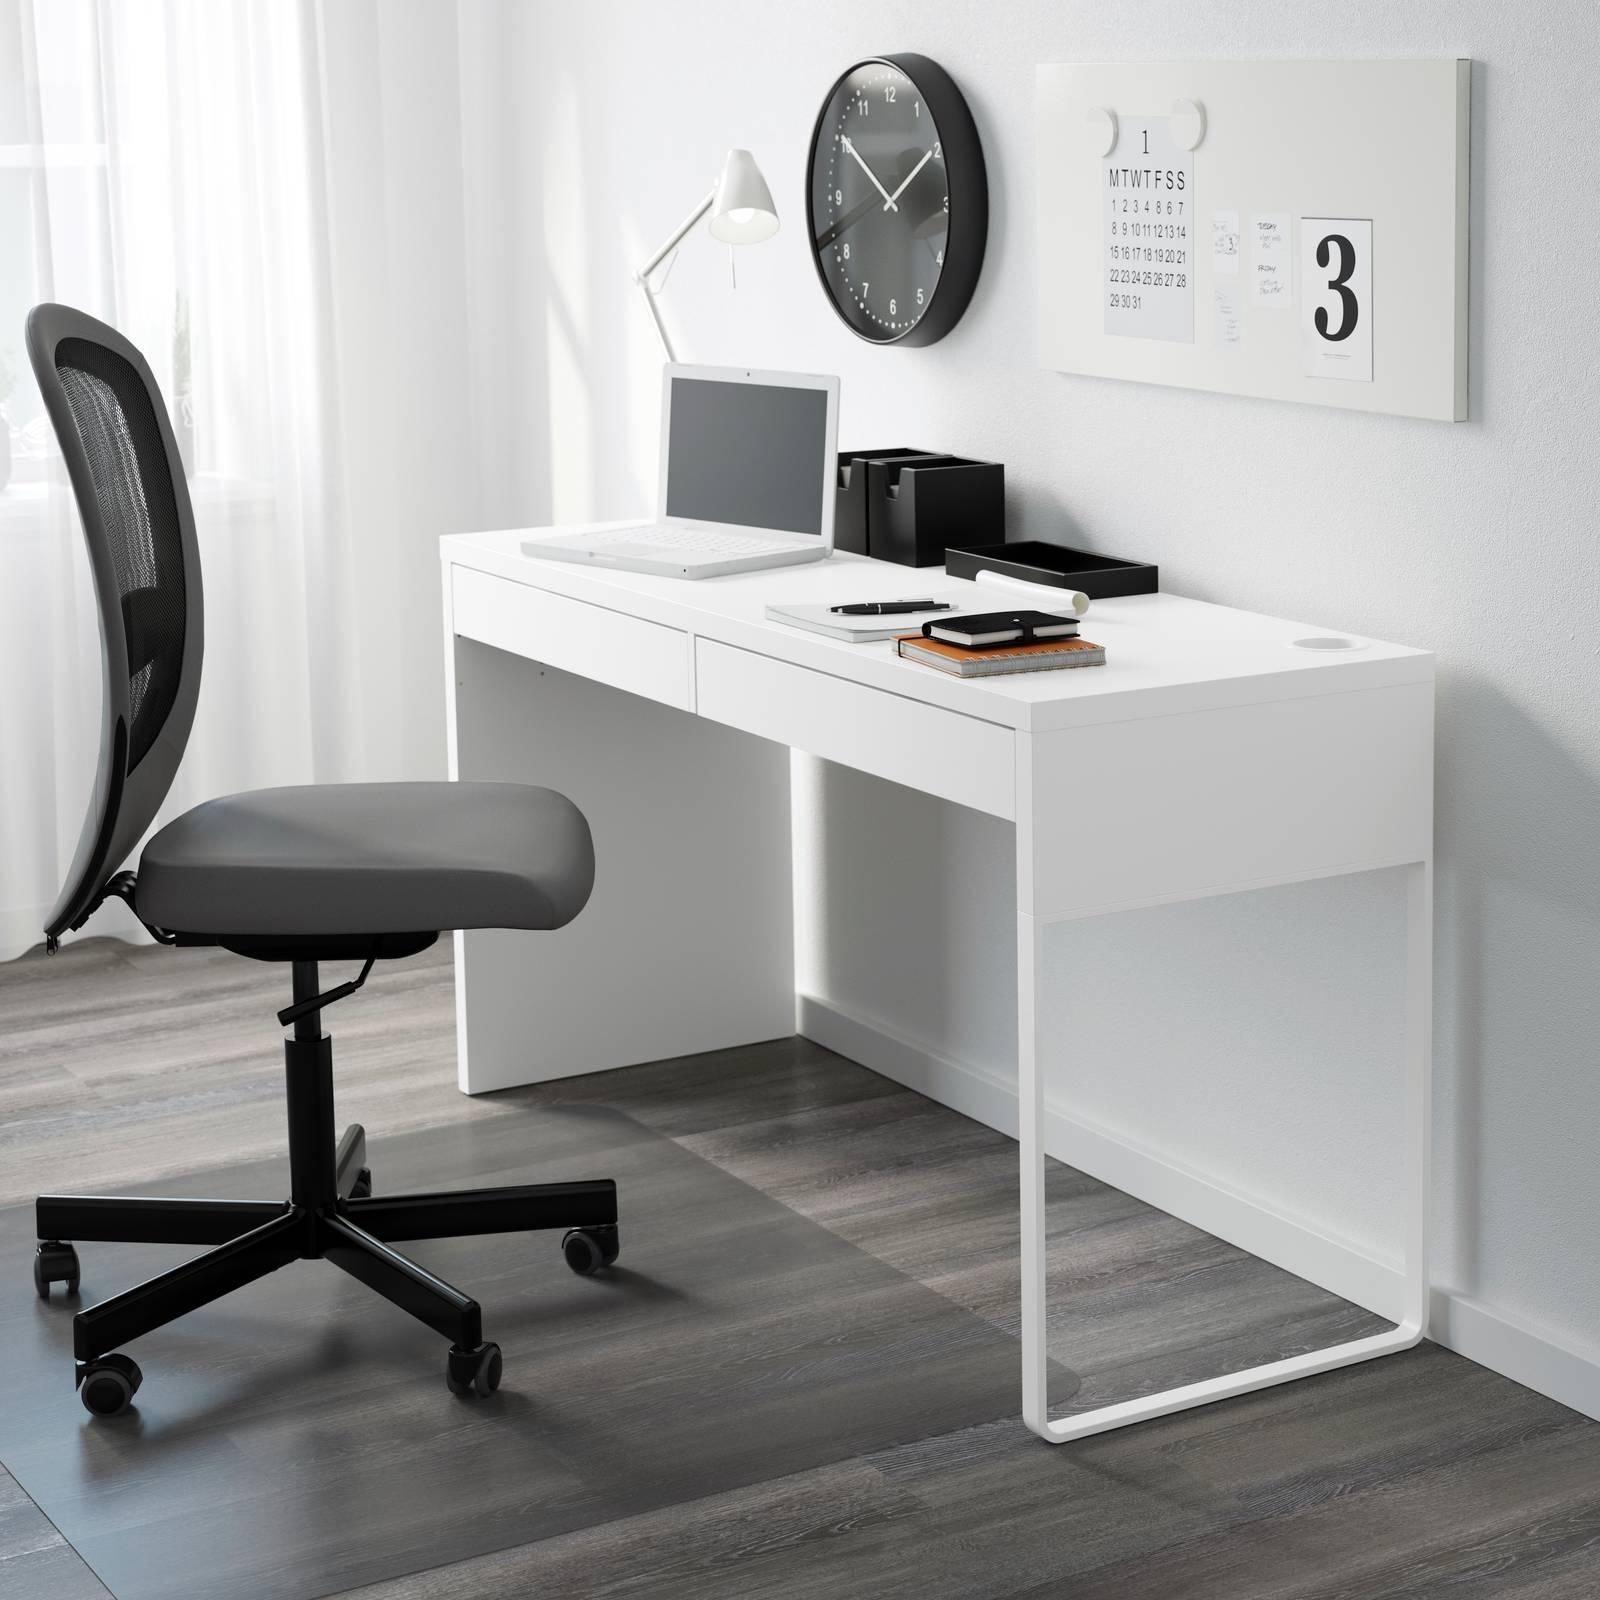 Ikea Tavolo A Scomparsa.Scrivania Per La Cameretta O Lo Studio 16 Modelli Comodi E